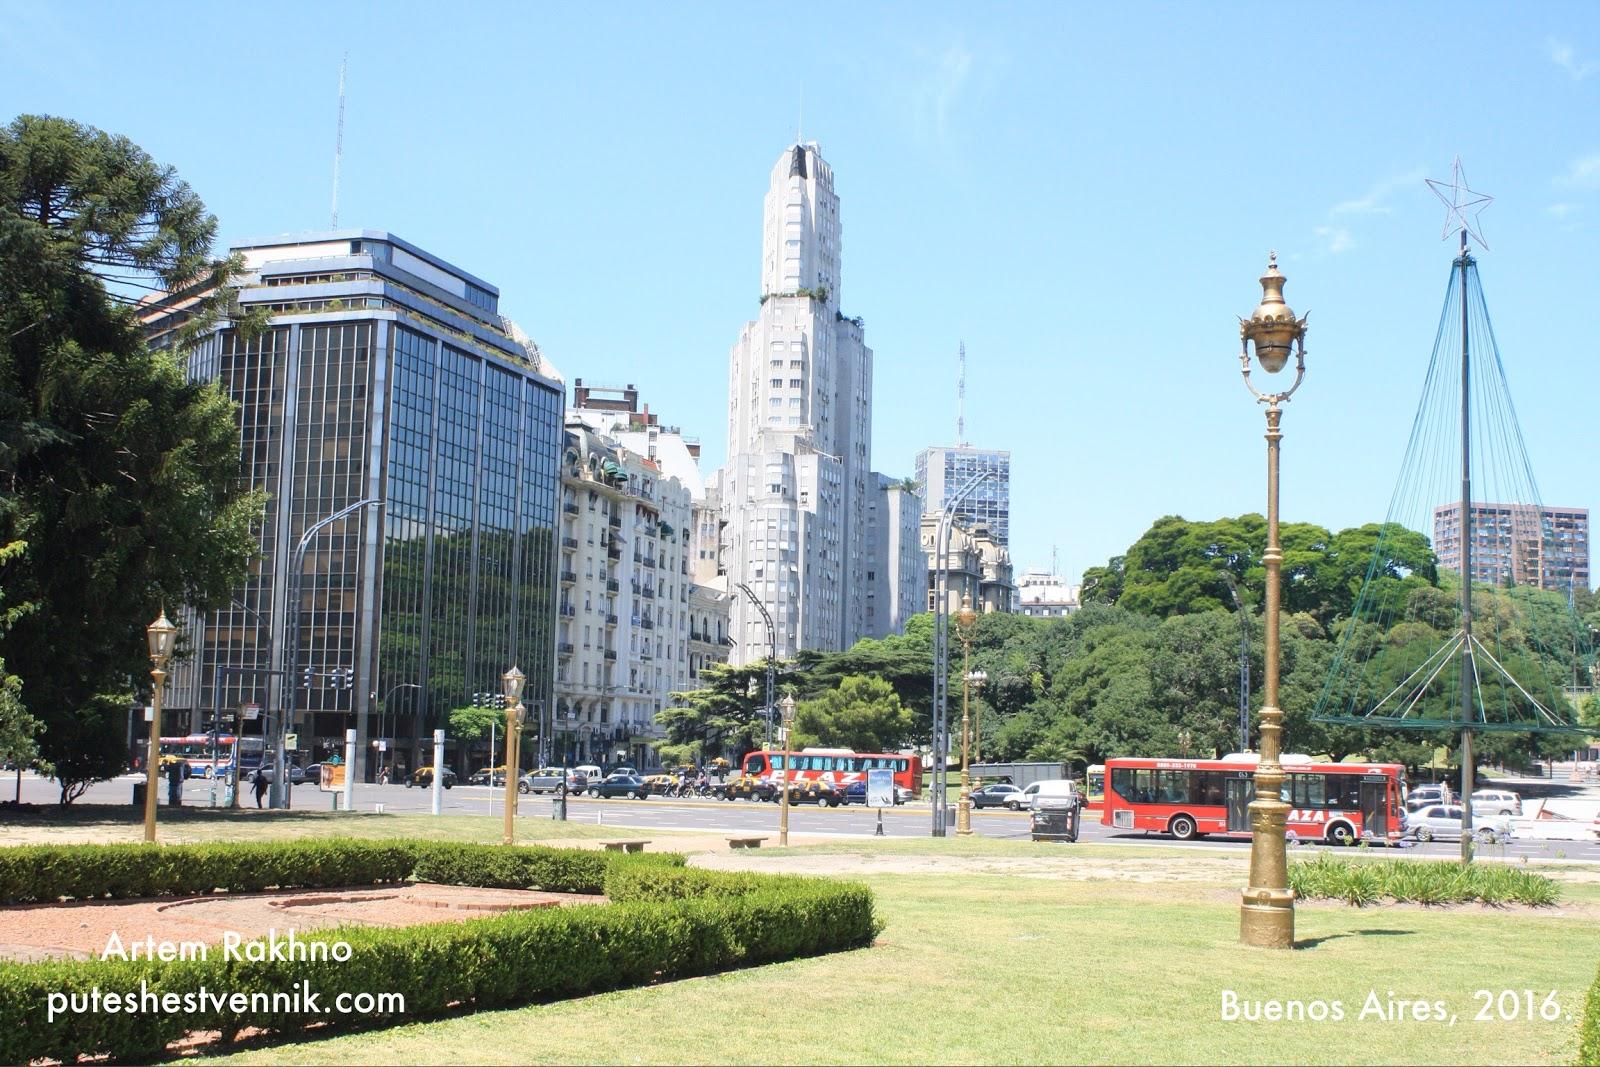 Улица и парк в Буэнос-Айресе